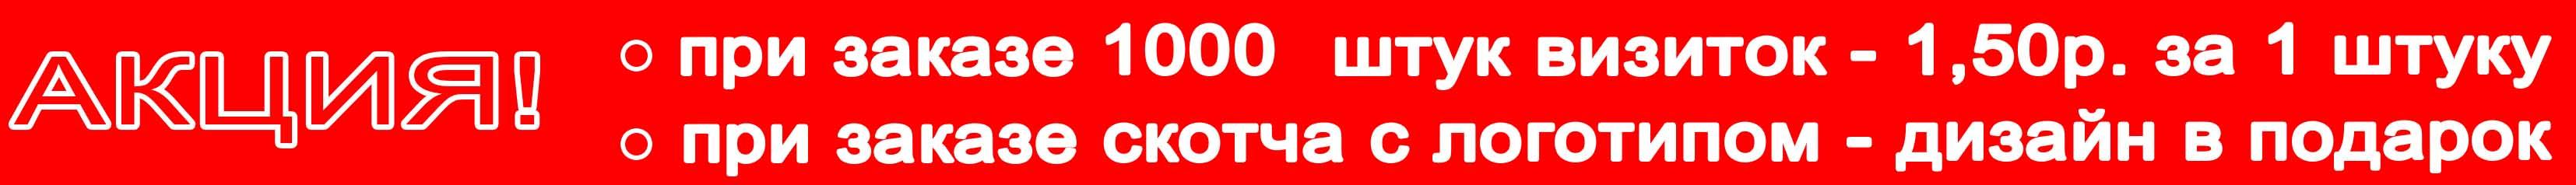 Заказать пакеты с логотипом в Туле